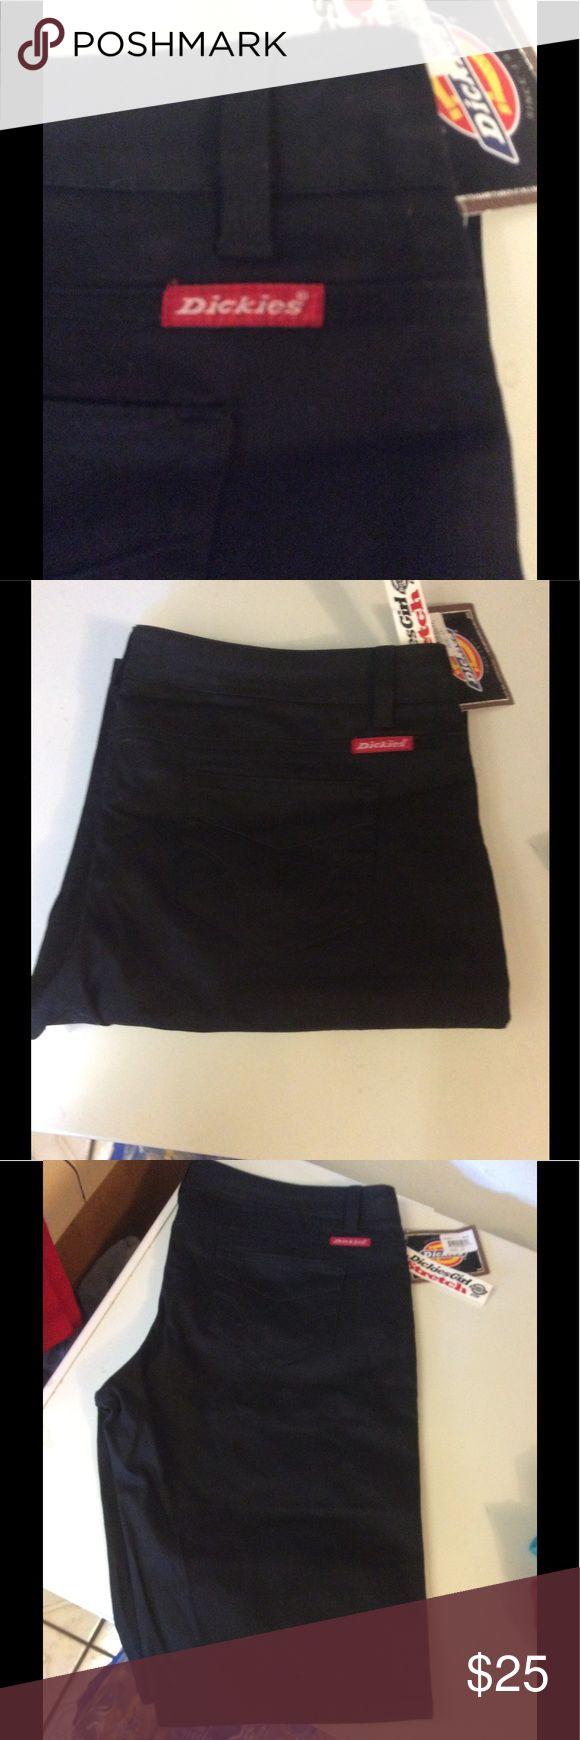 NEW DICKIES BLACK KNEE SHORTS Dickies Black Knee Shorts Dickies Shorts